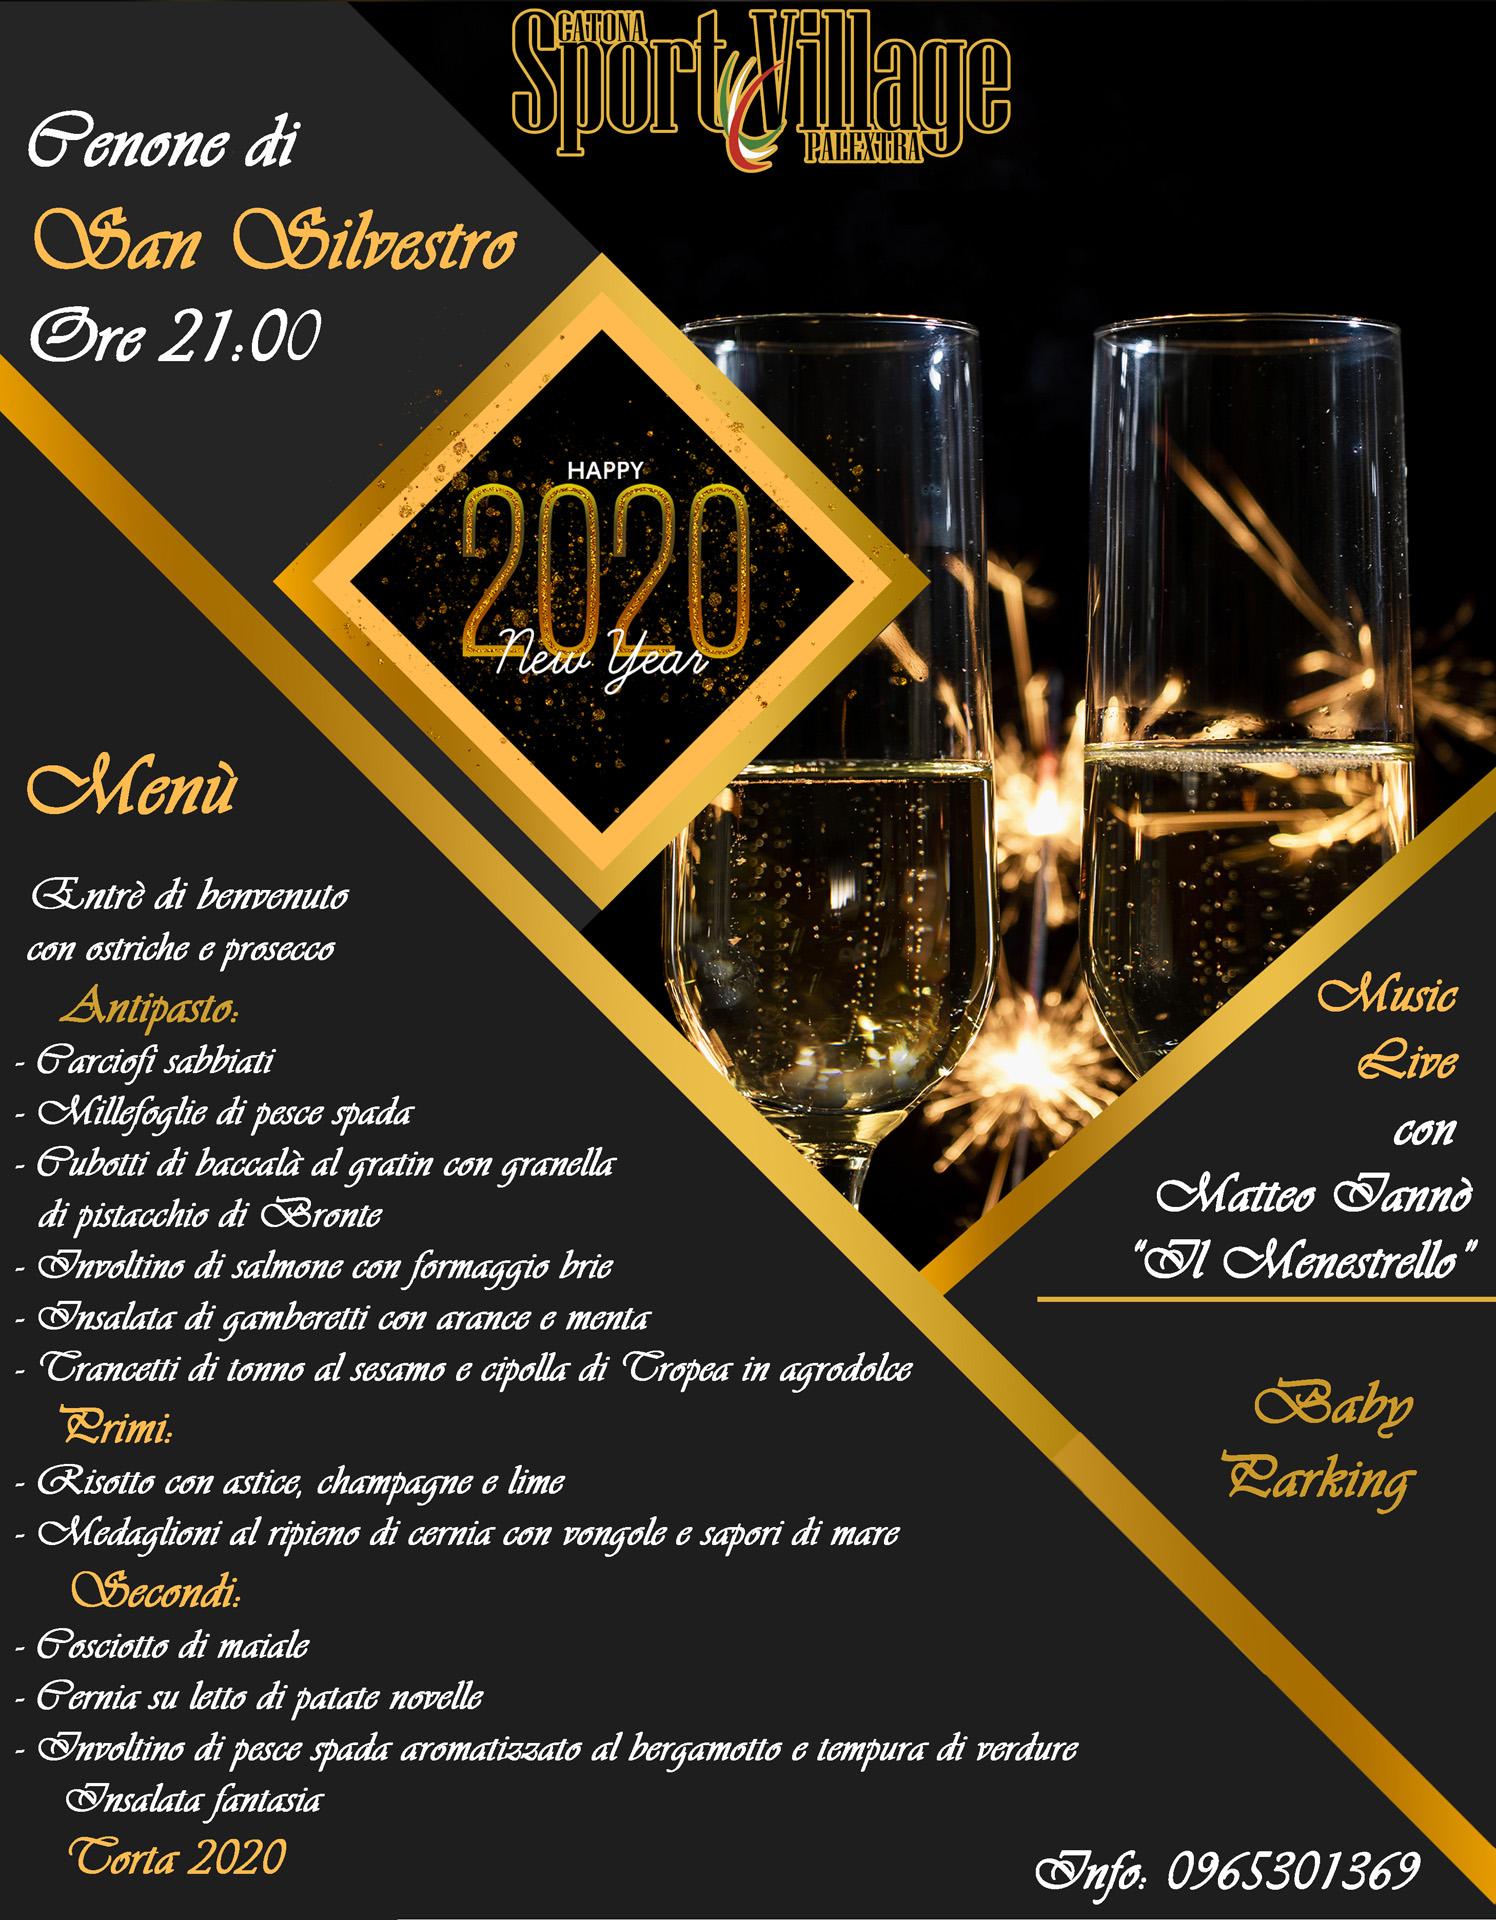 Cenone 2020 Reggio Calabria Sport Village